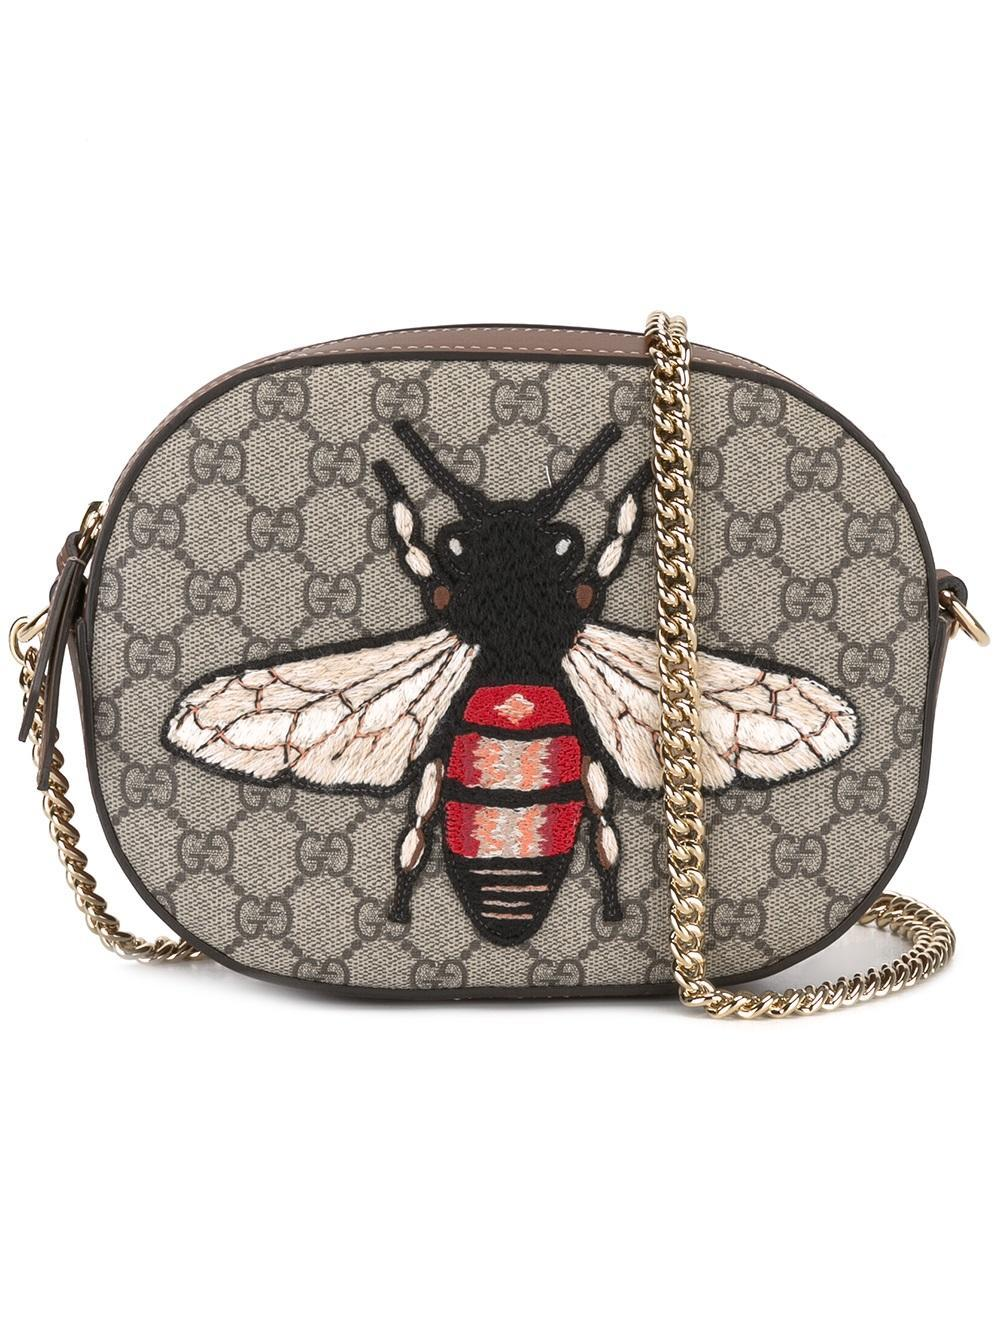 7f6c55ff75b8e0 Gucci Mini Gg Supreme Bee Bag in Brown - Lyst